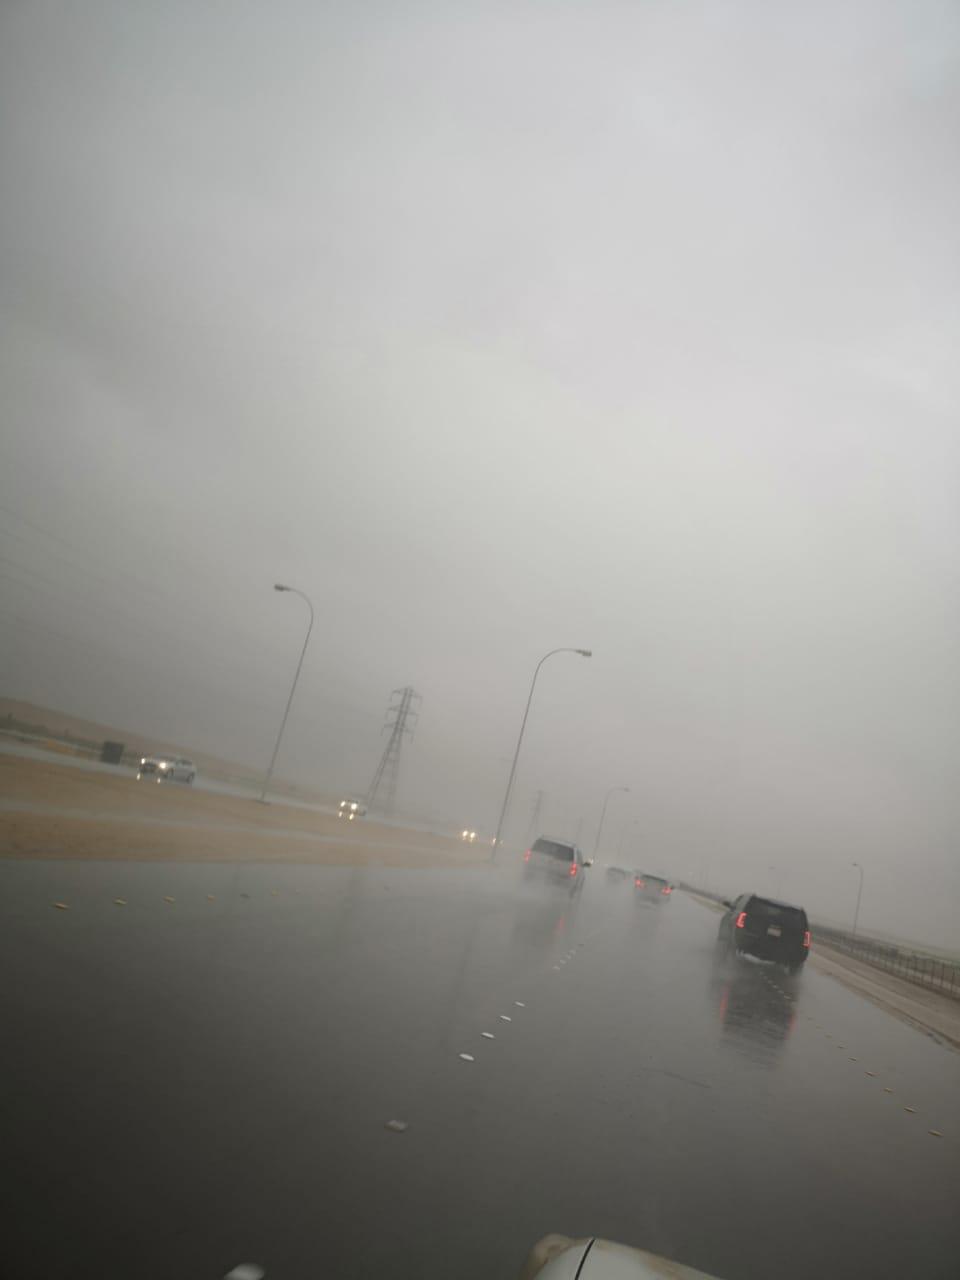 بالصور.. أمطار غزيرة على العاصمة الرياض